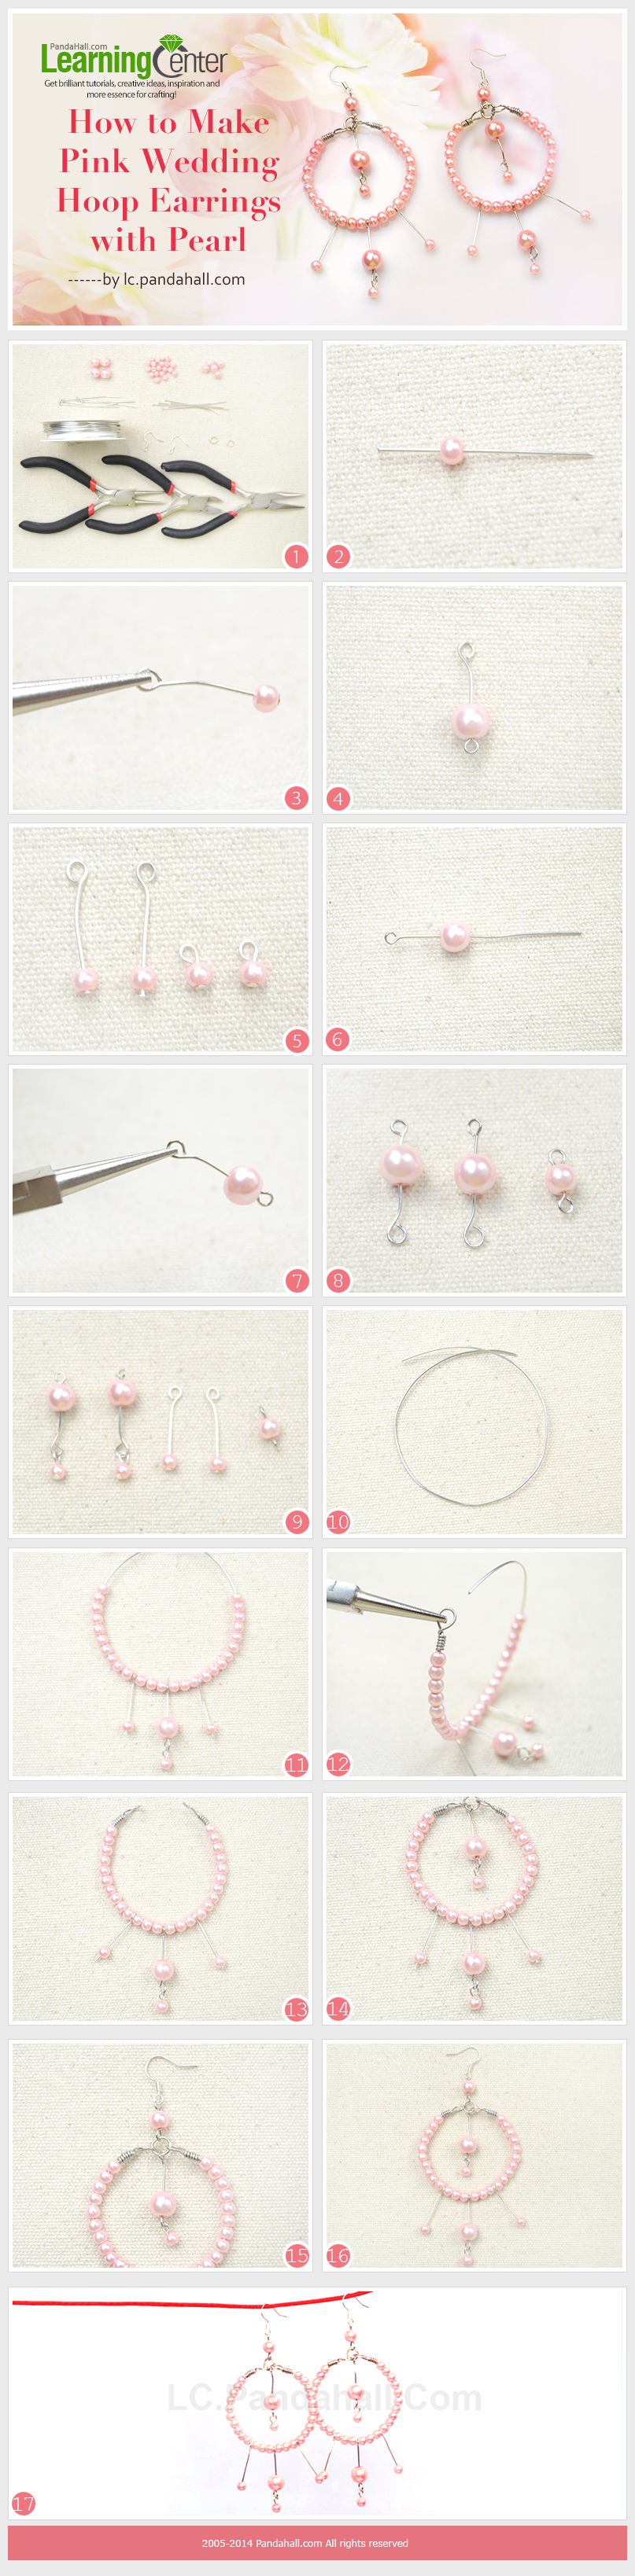 How to Make Pink Wedding Hoop Earrings with Pearl ...